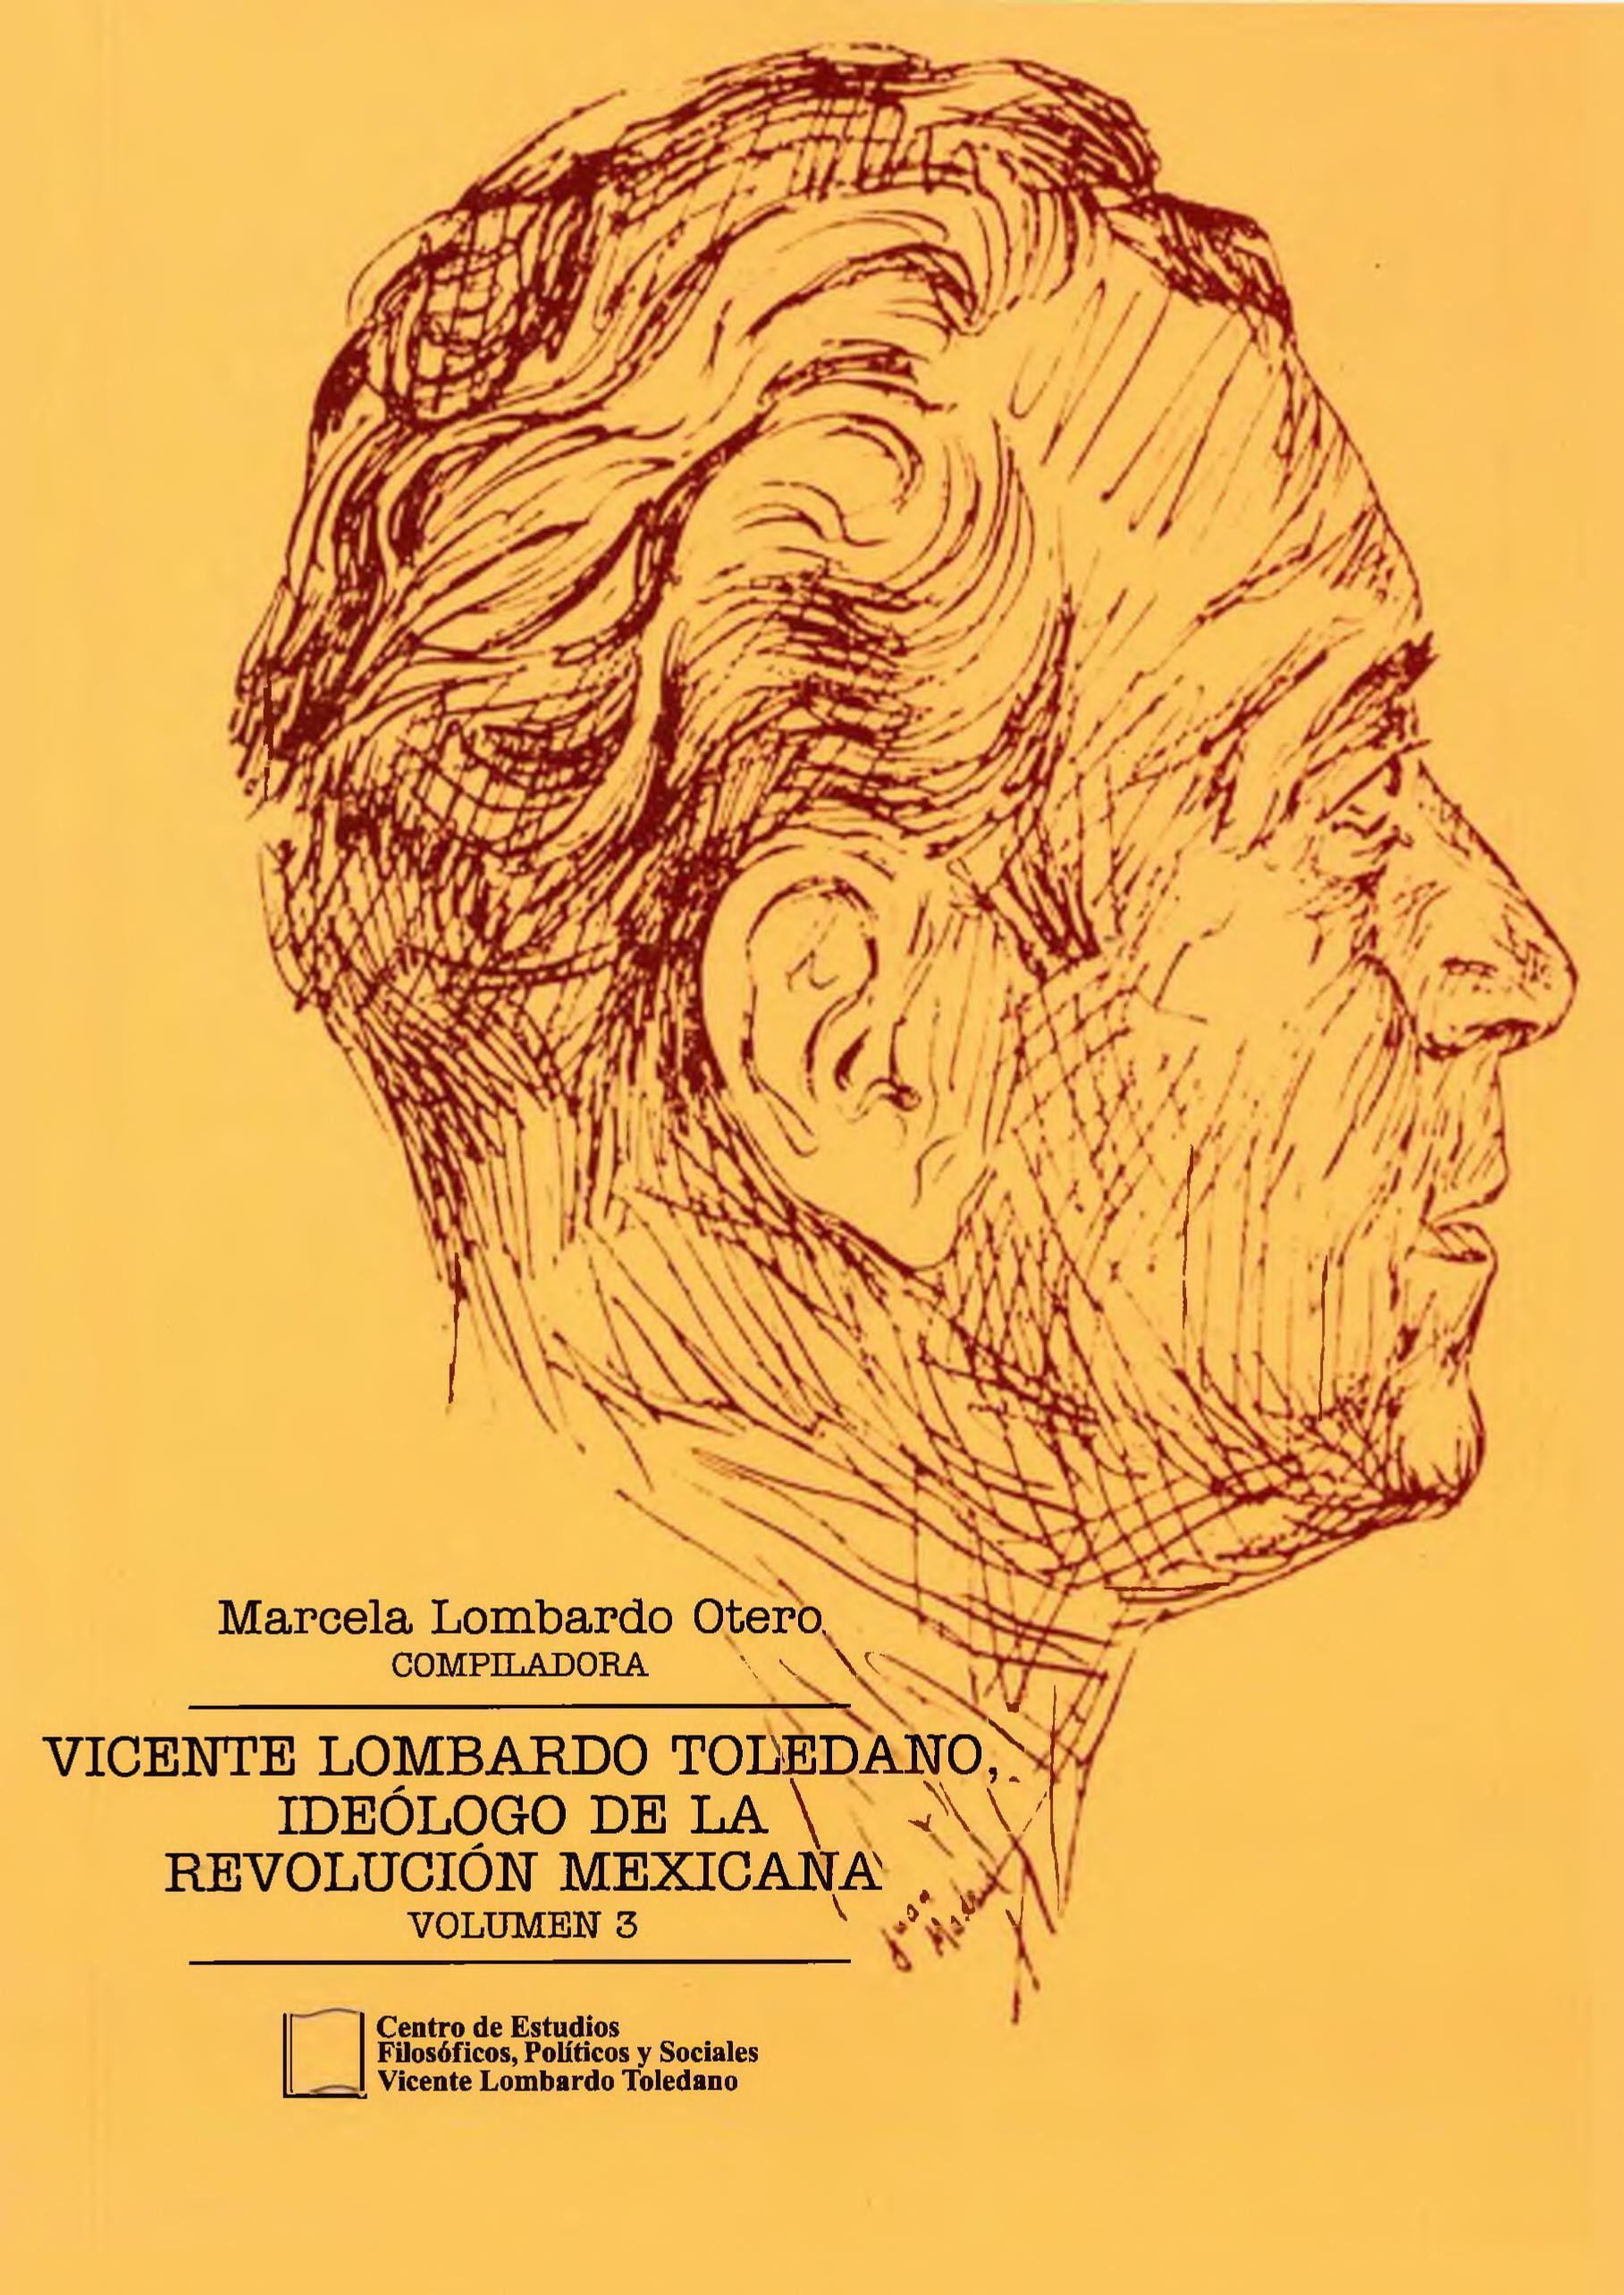 Portada del libro: Vicente Lombardo Toledano, ideólogo de la Revolución Mexicana. Vol. 3